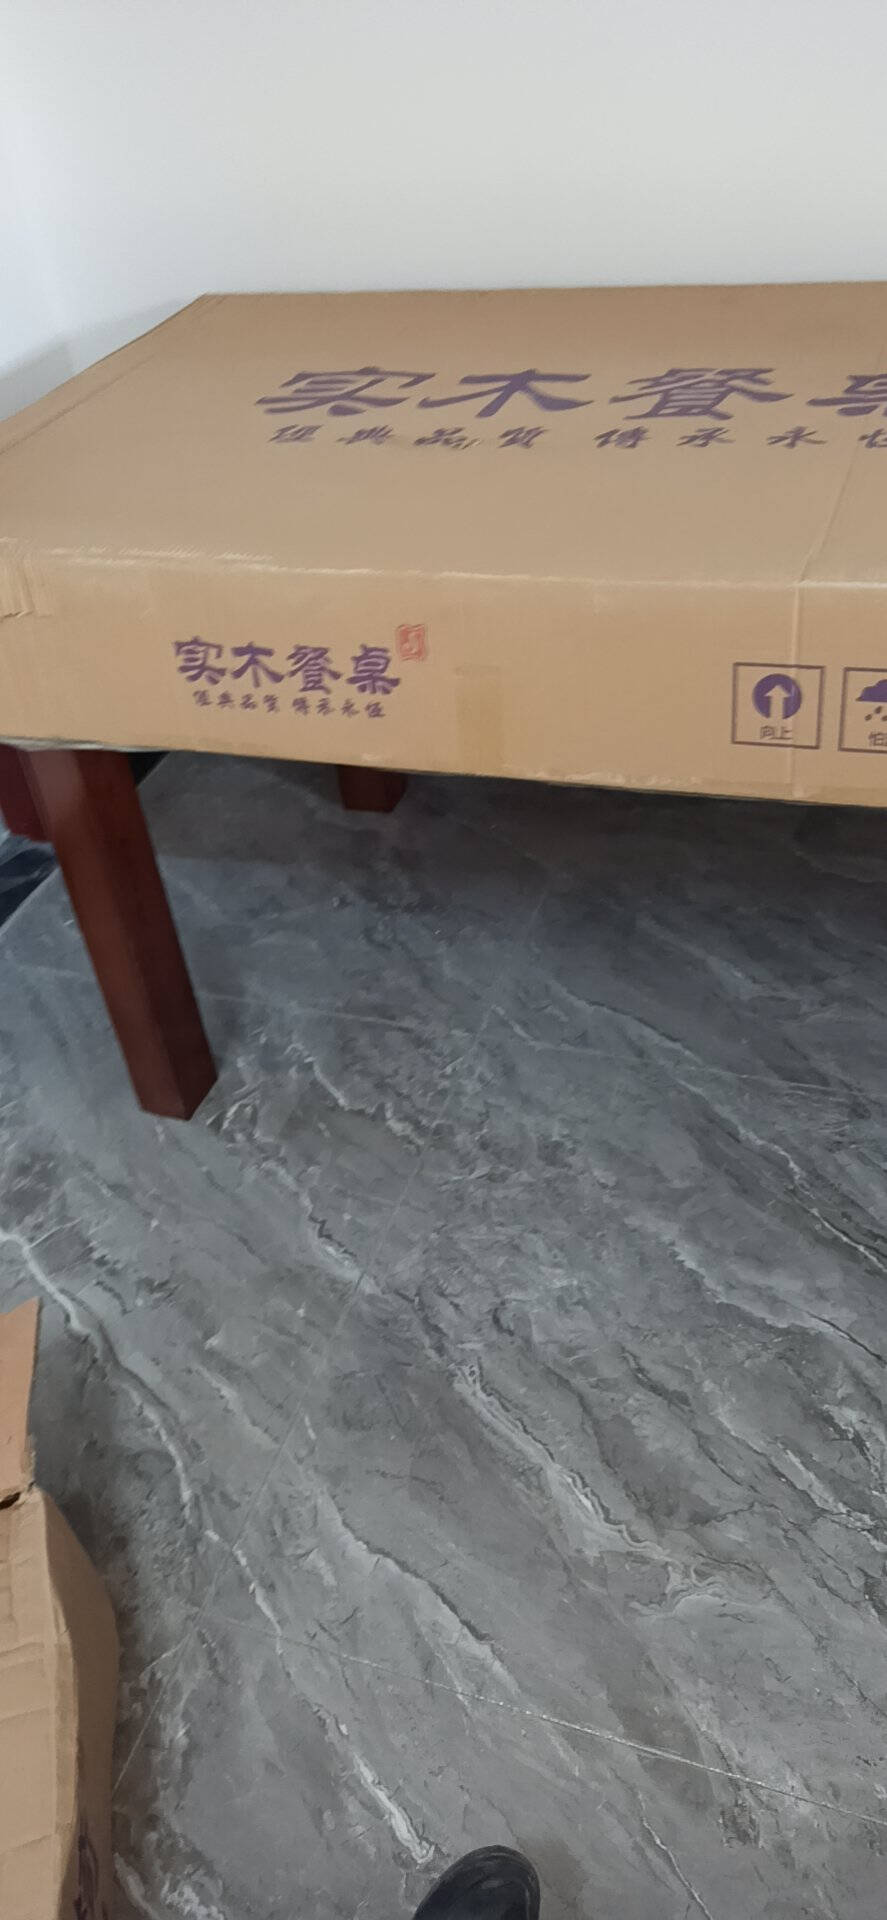 千禧盛世实木餐桌椅组合可伸缩折叠餐桌6人圆桌子一桌六椅4人长方形饭桌小户型特价餐厅家具胡桃色一桌六椅